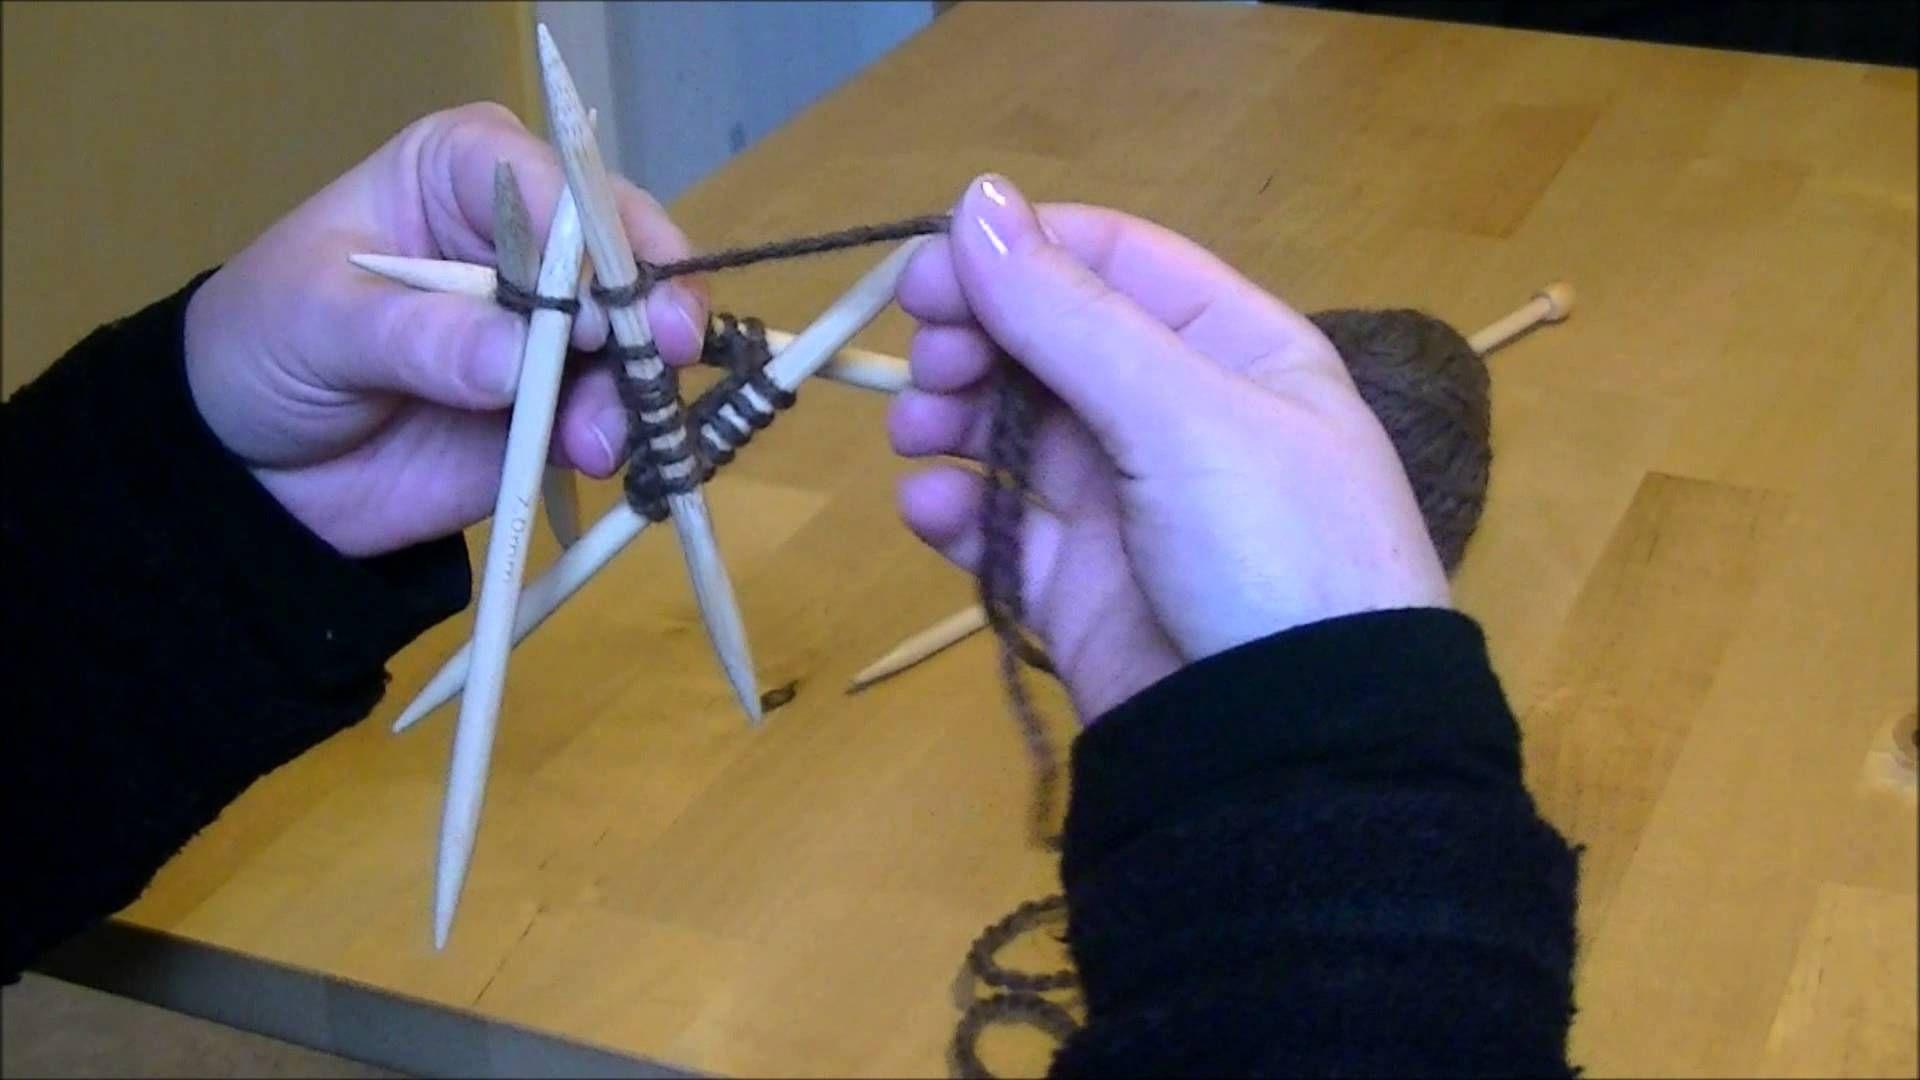 tricoter en rond avec des aiguilles double pointes (avec images) | Tricoter en rond, Comment ...